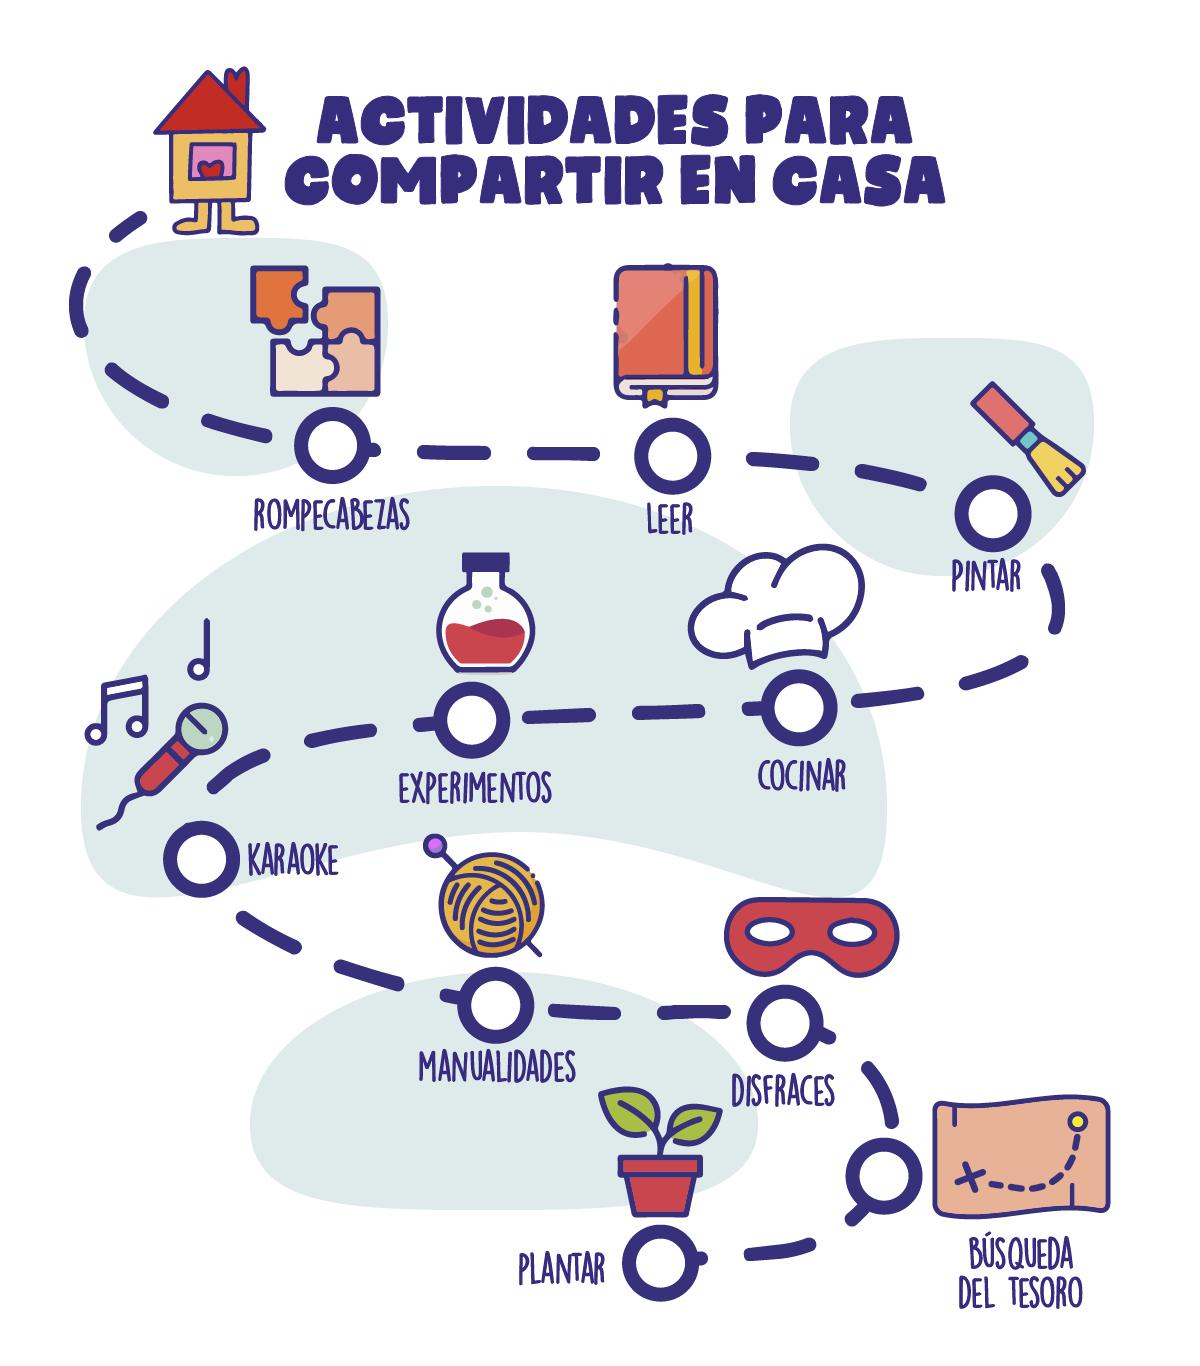 actividades-para-compartir-en-casa